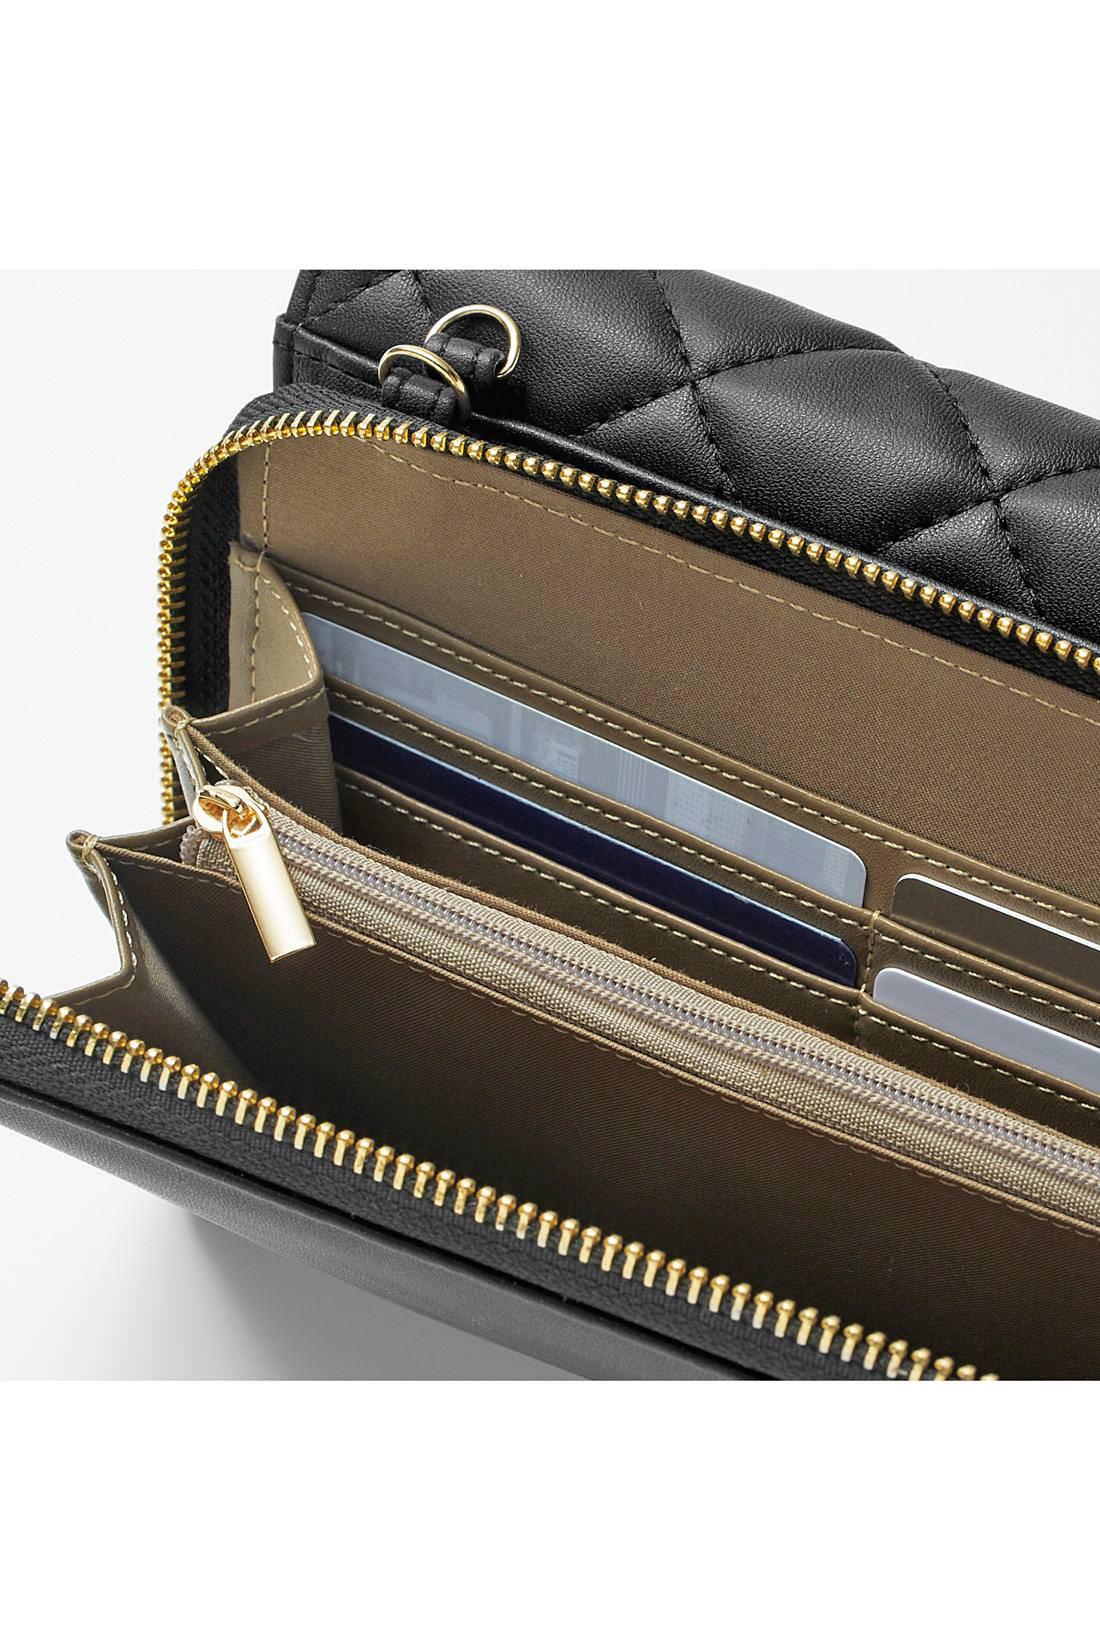 財布部分は札入れ、ファスナー付き小銭入れのほか、カード入れも充実。